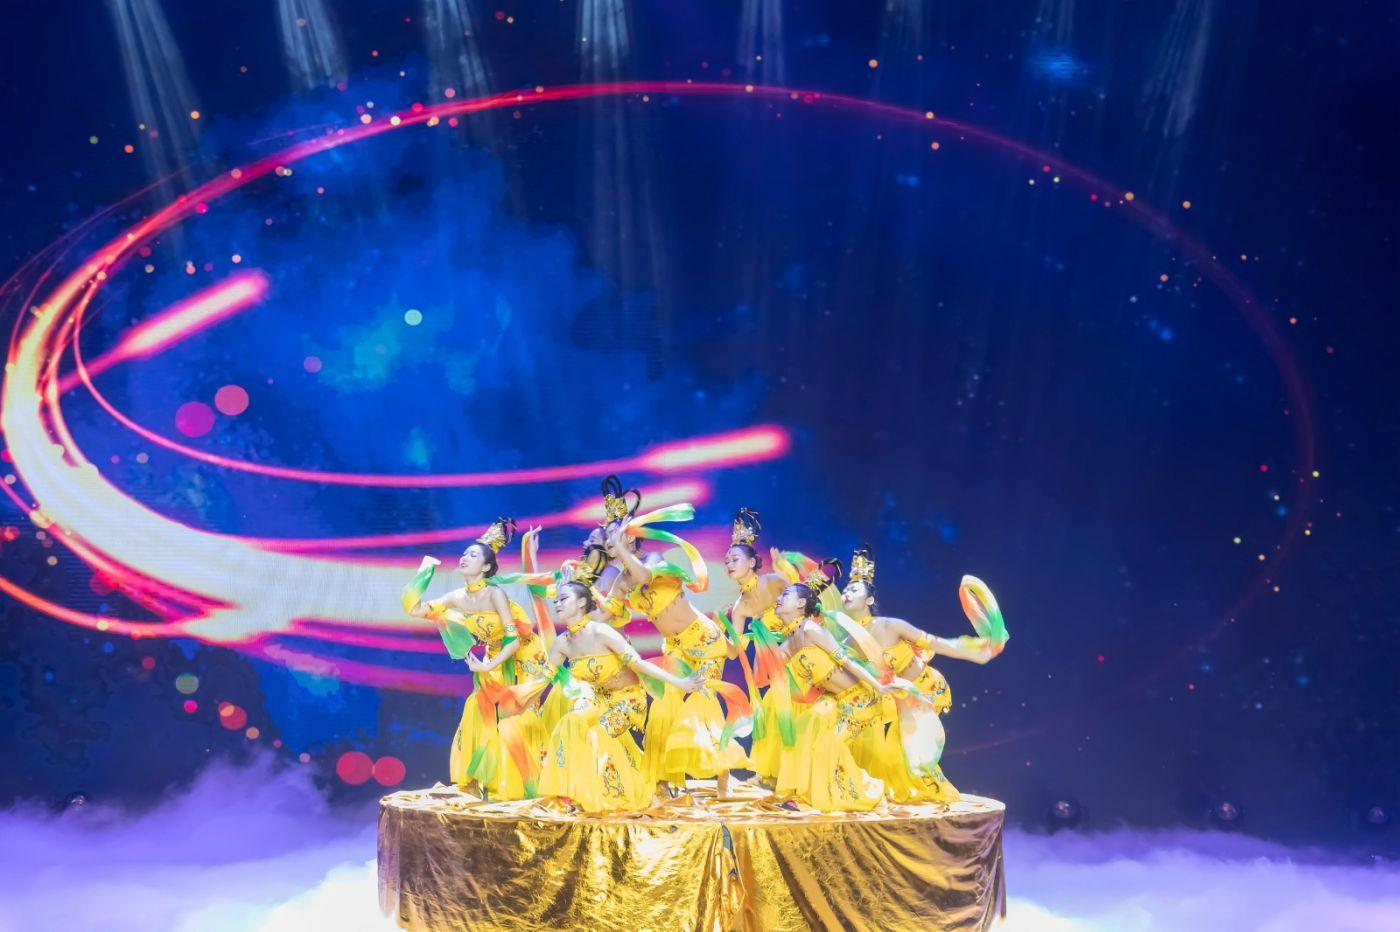 沂蒙大地上 有一种舞蹈叫飞天 这是几位临沂女孩的杰作 美轮美奂 ..._图1-20